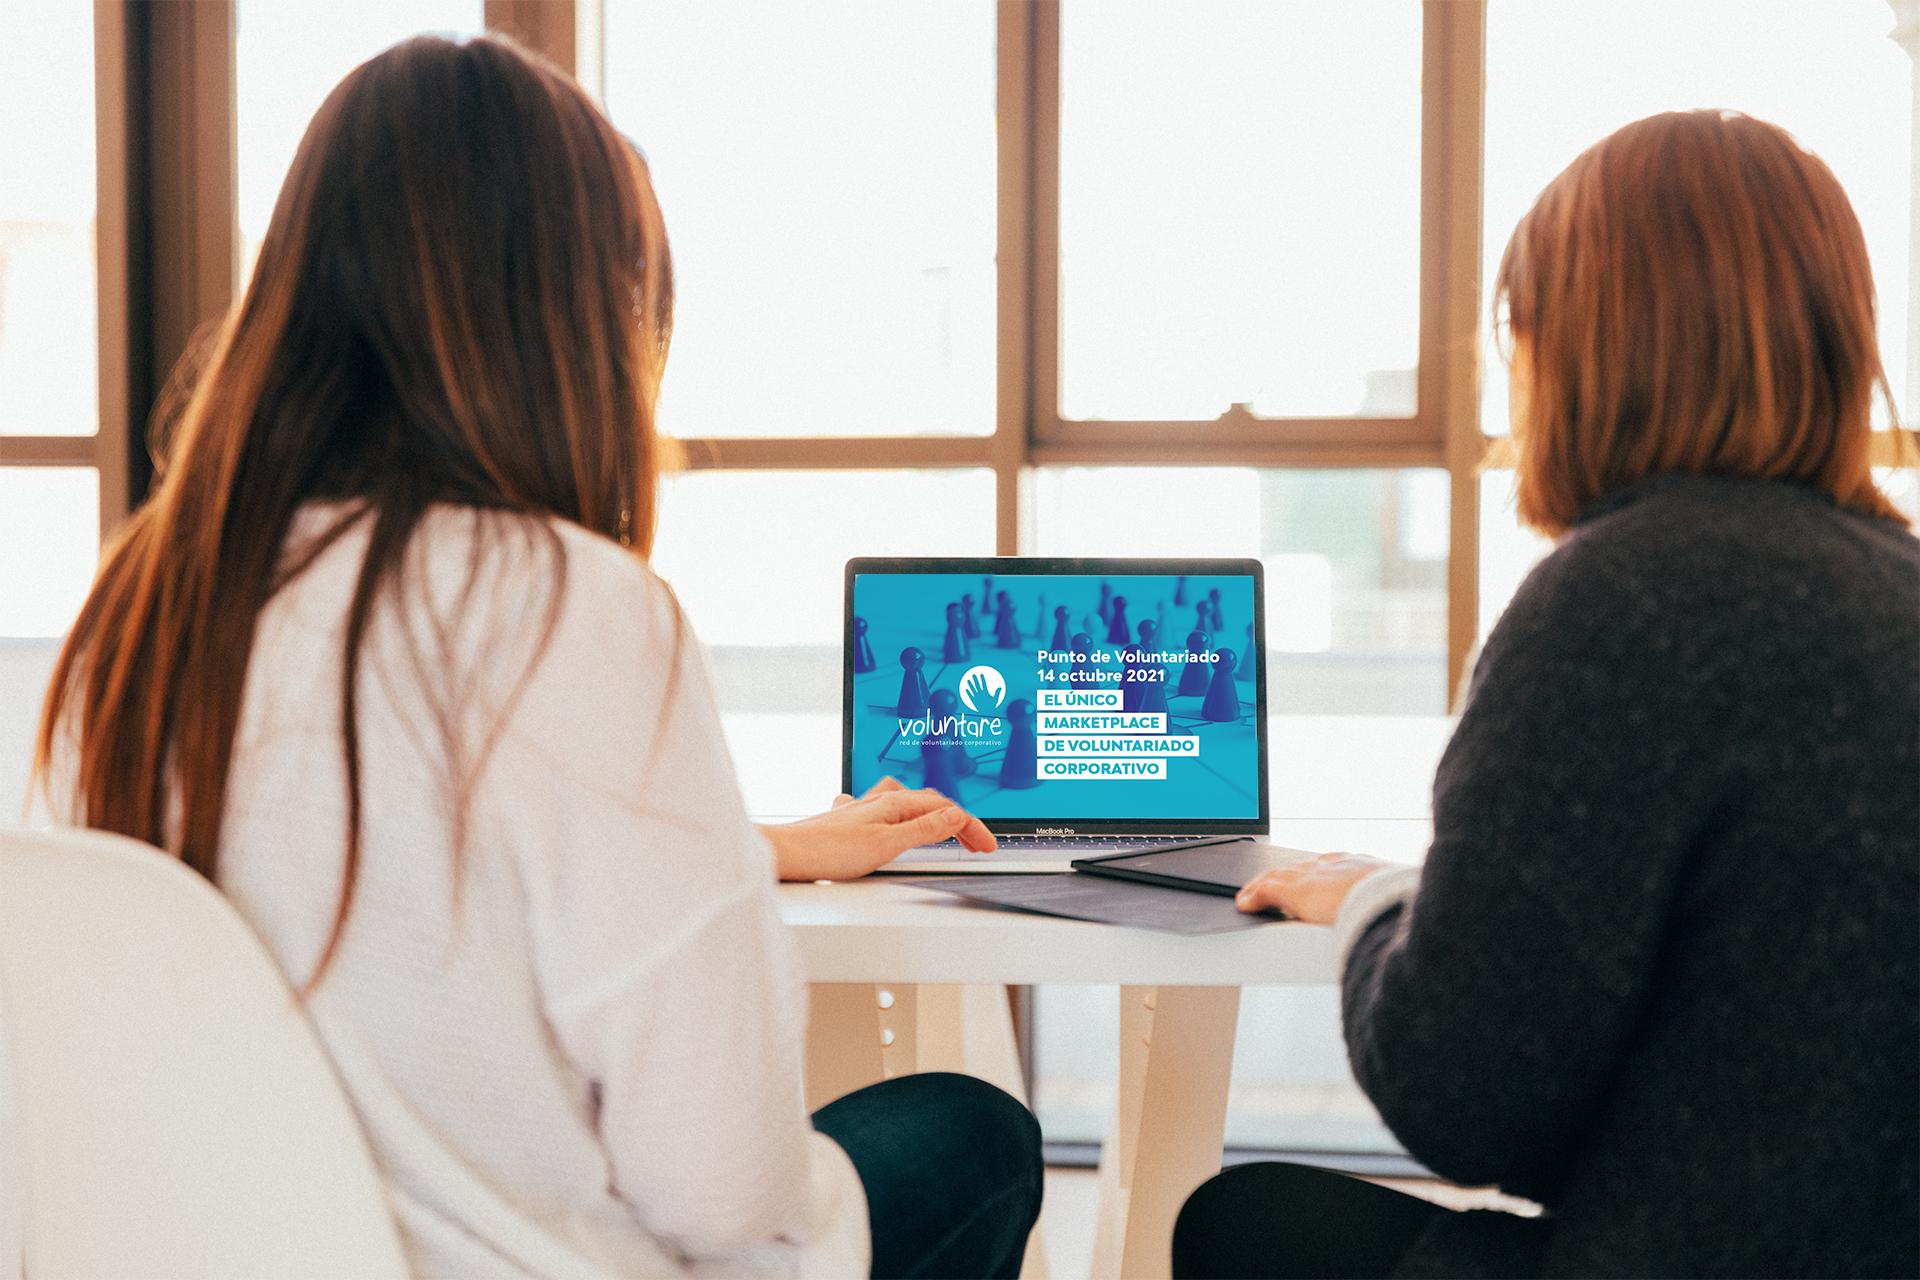 28 oportunidades de inspiración para alcanzar los ods a través del voluntariado corporativo. 2 edición virtual del Punto Voluntare 2021